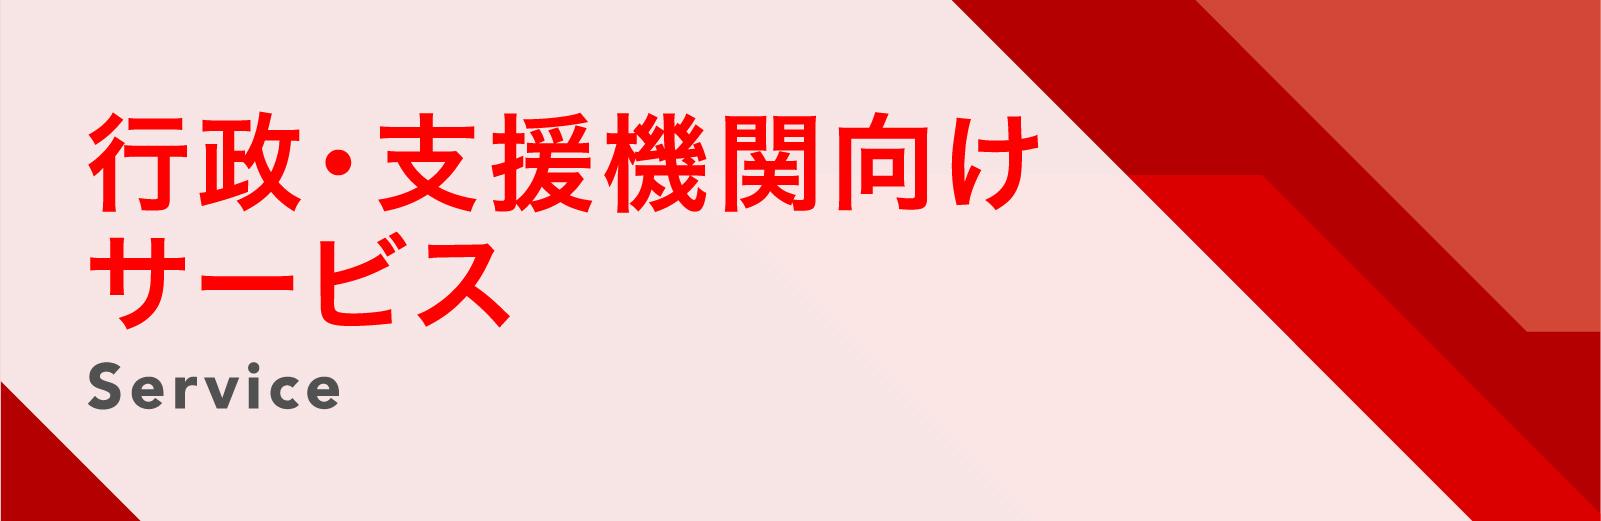 行政・支援機関向けサービス Service